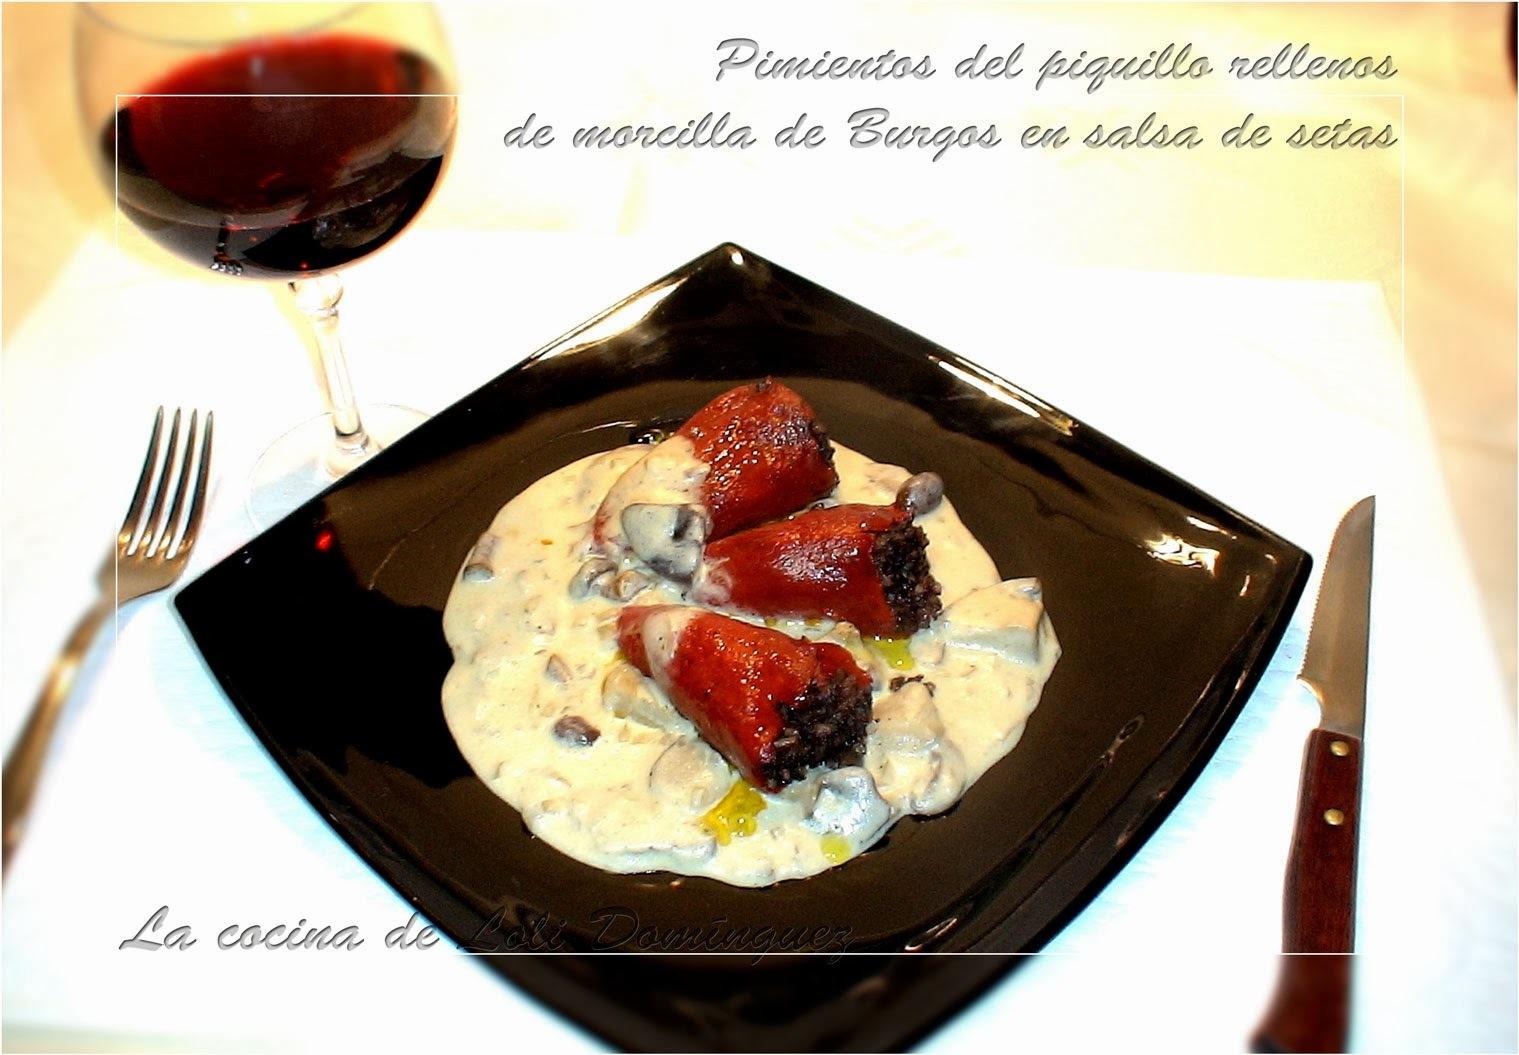 Pimientos del piquillo rellenos  de morcilla de Burgos en salsa de setas